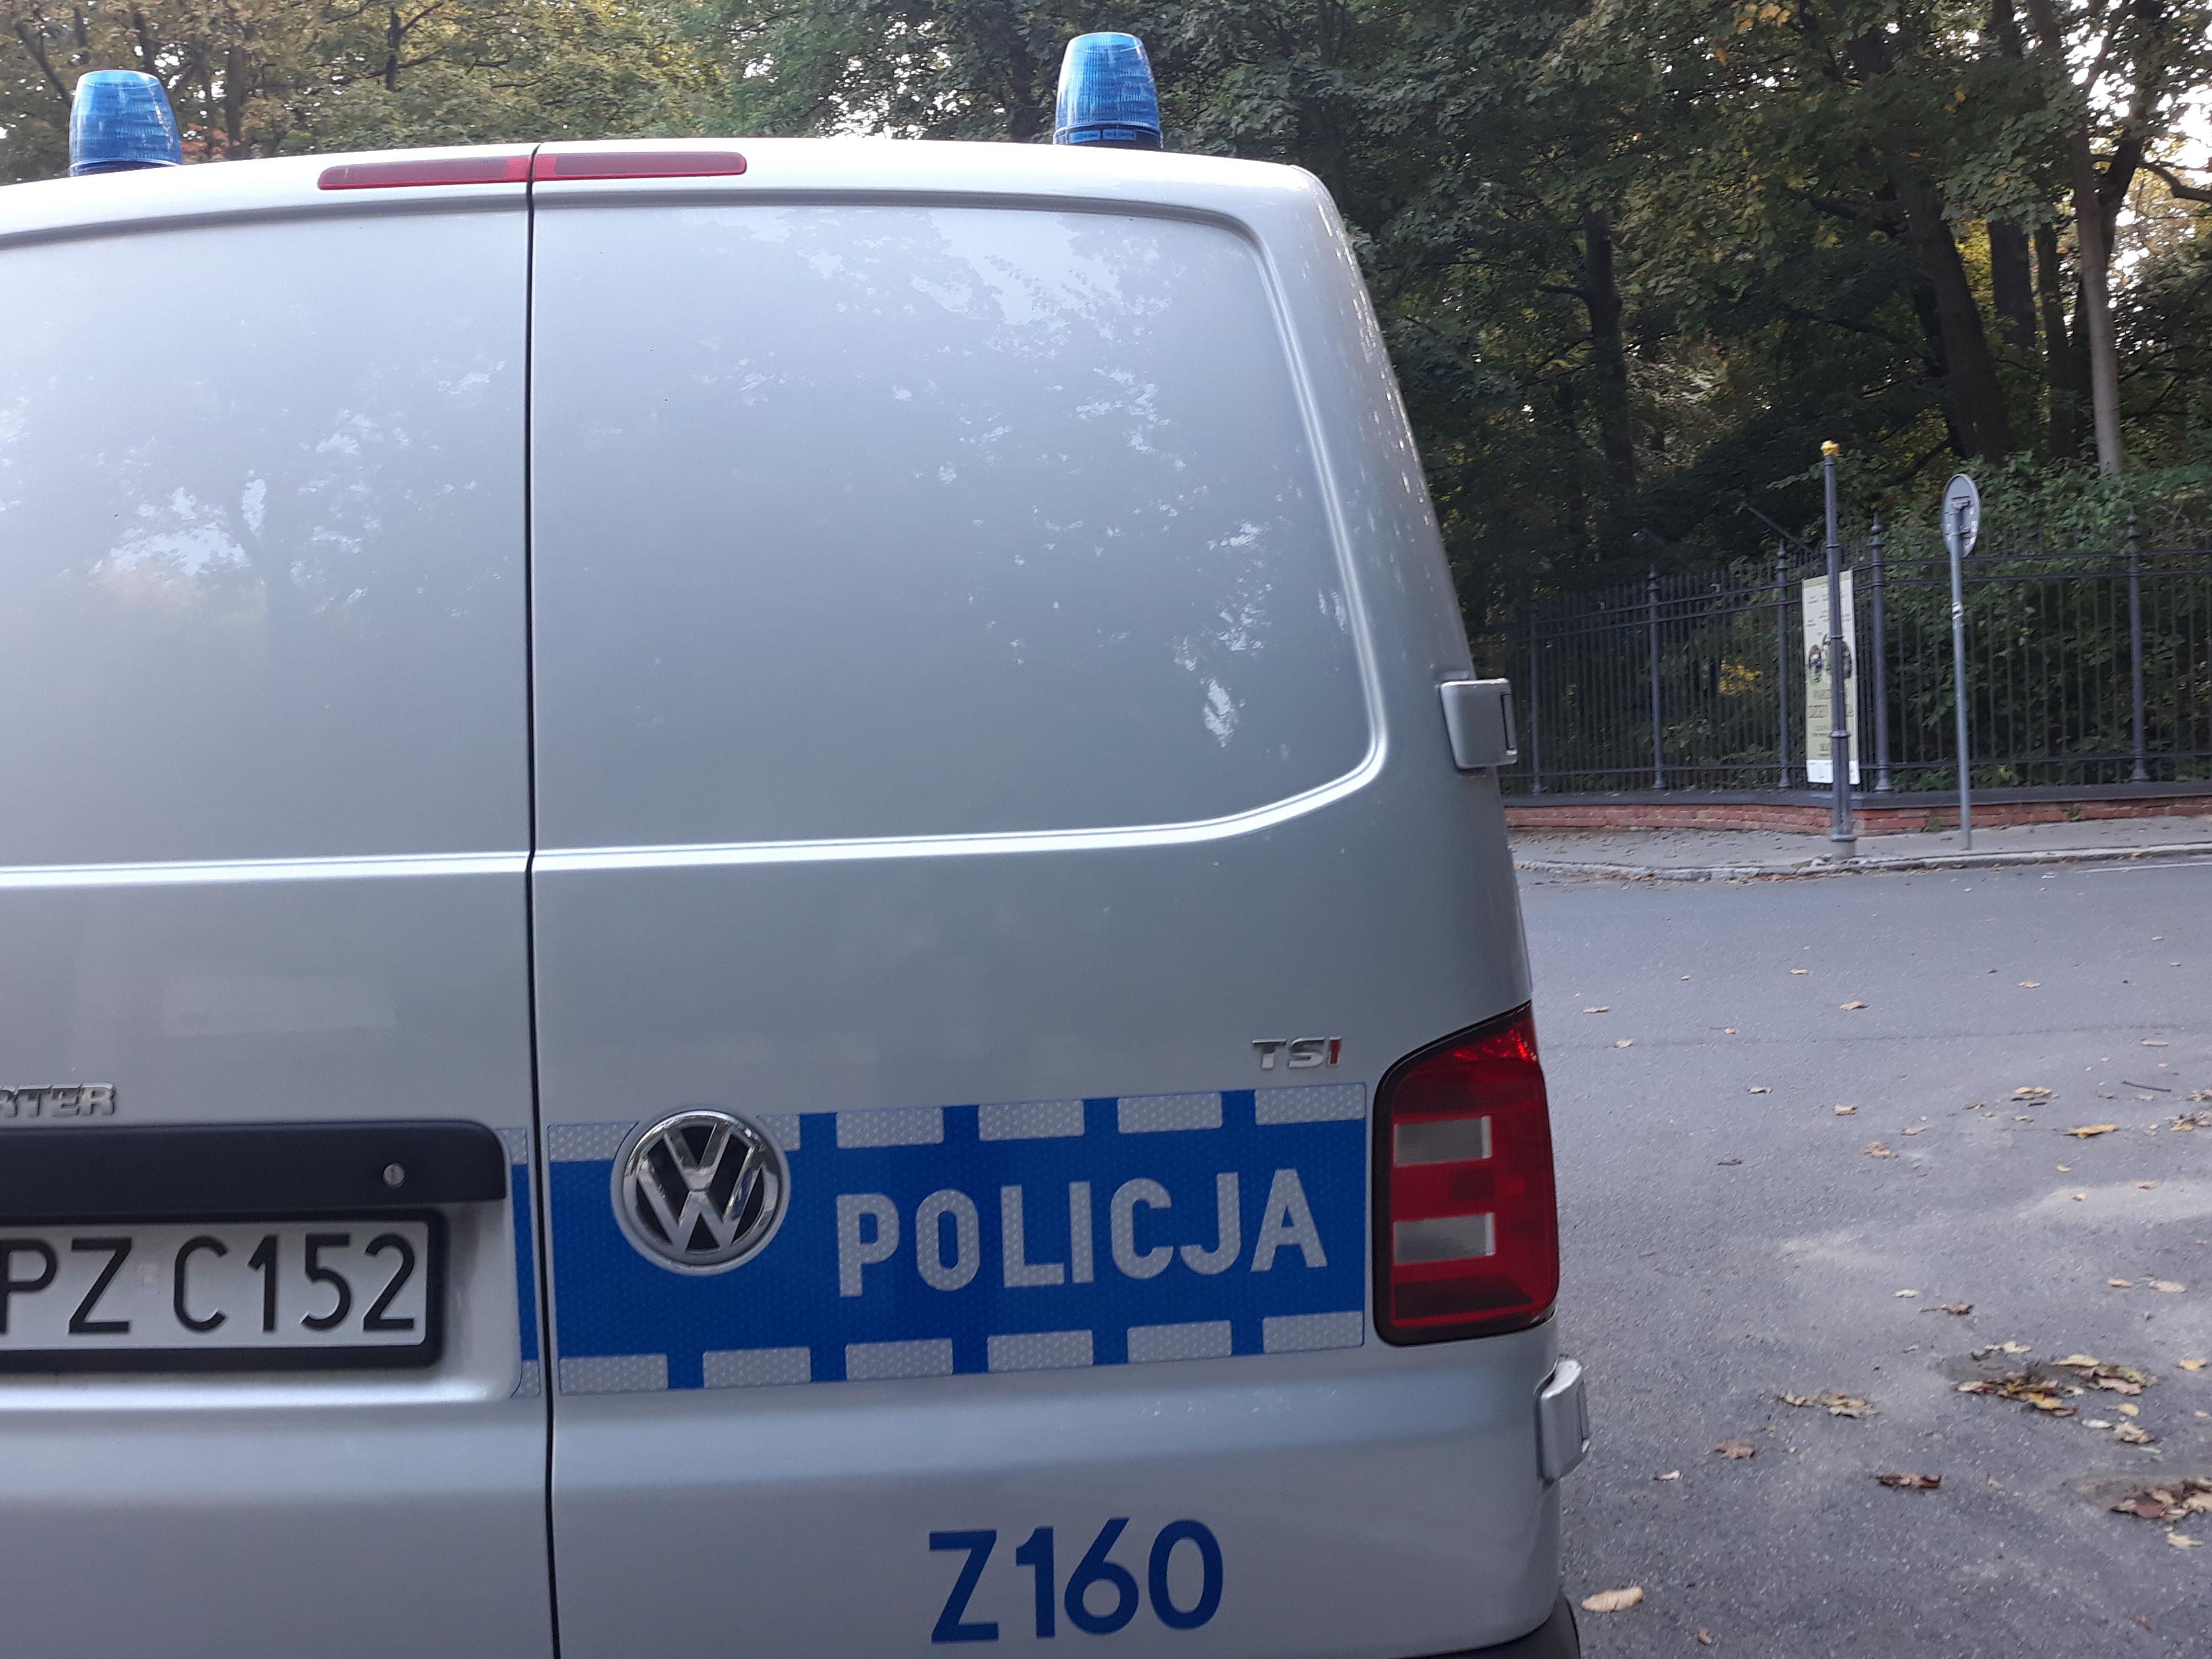 Pijany motorowerzysta zaatakował policjanta